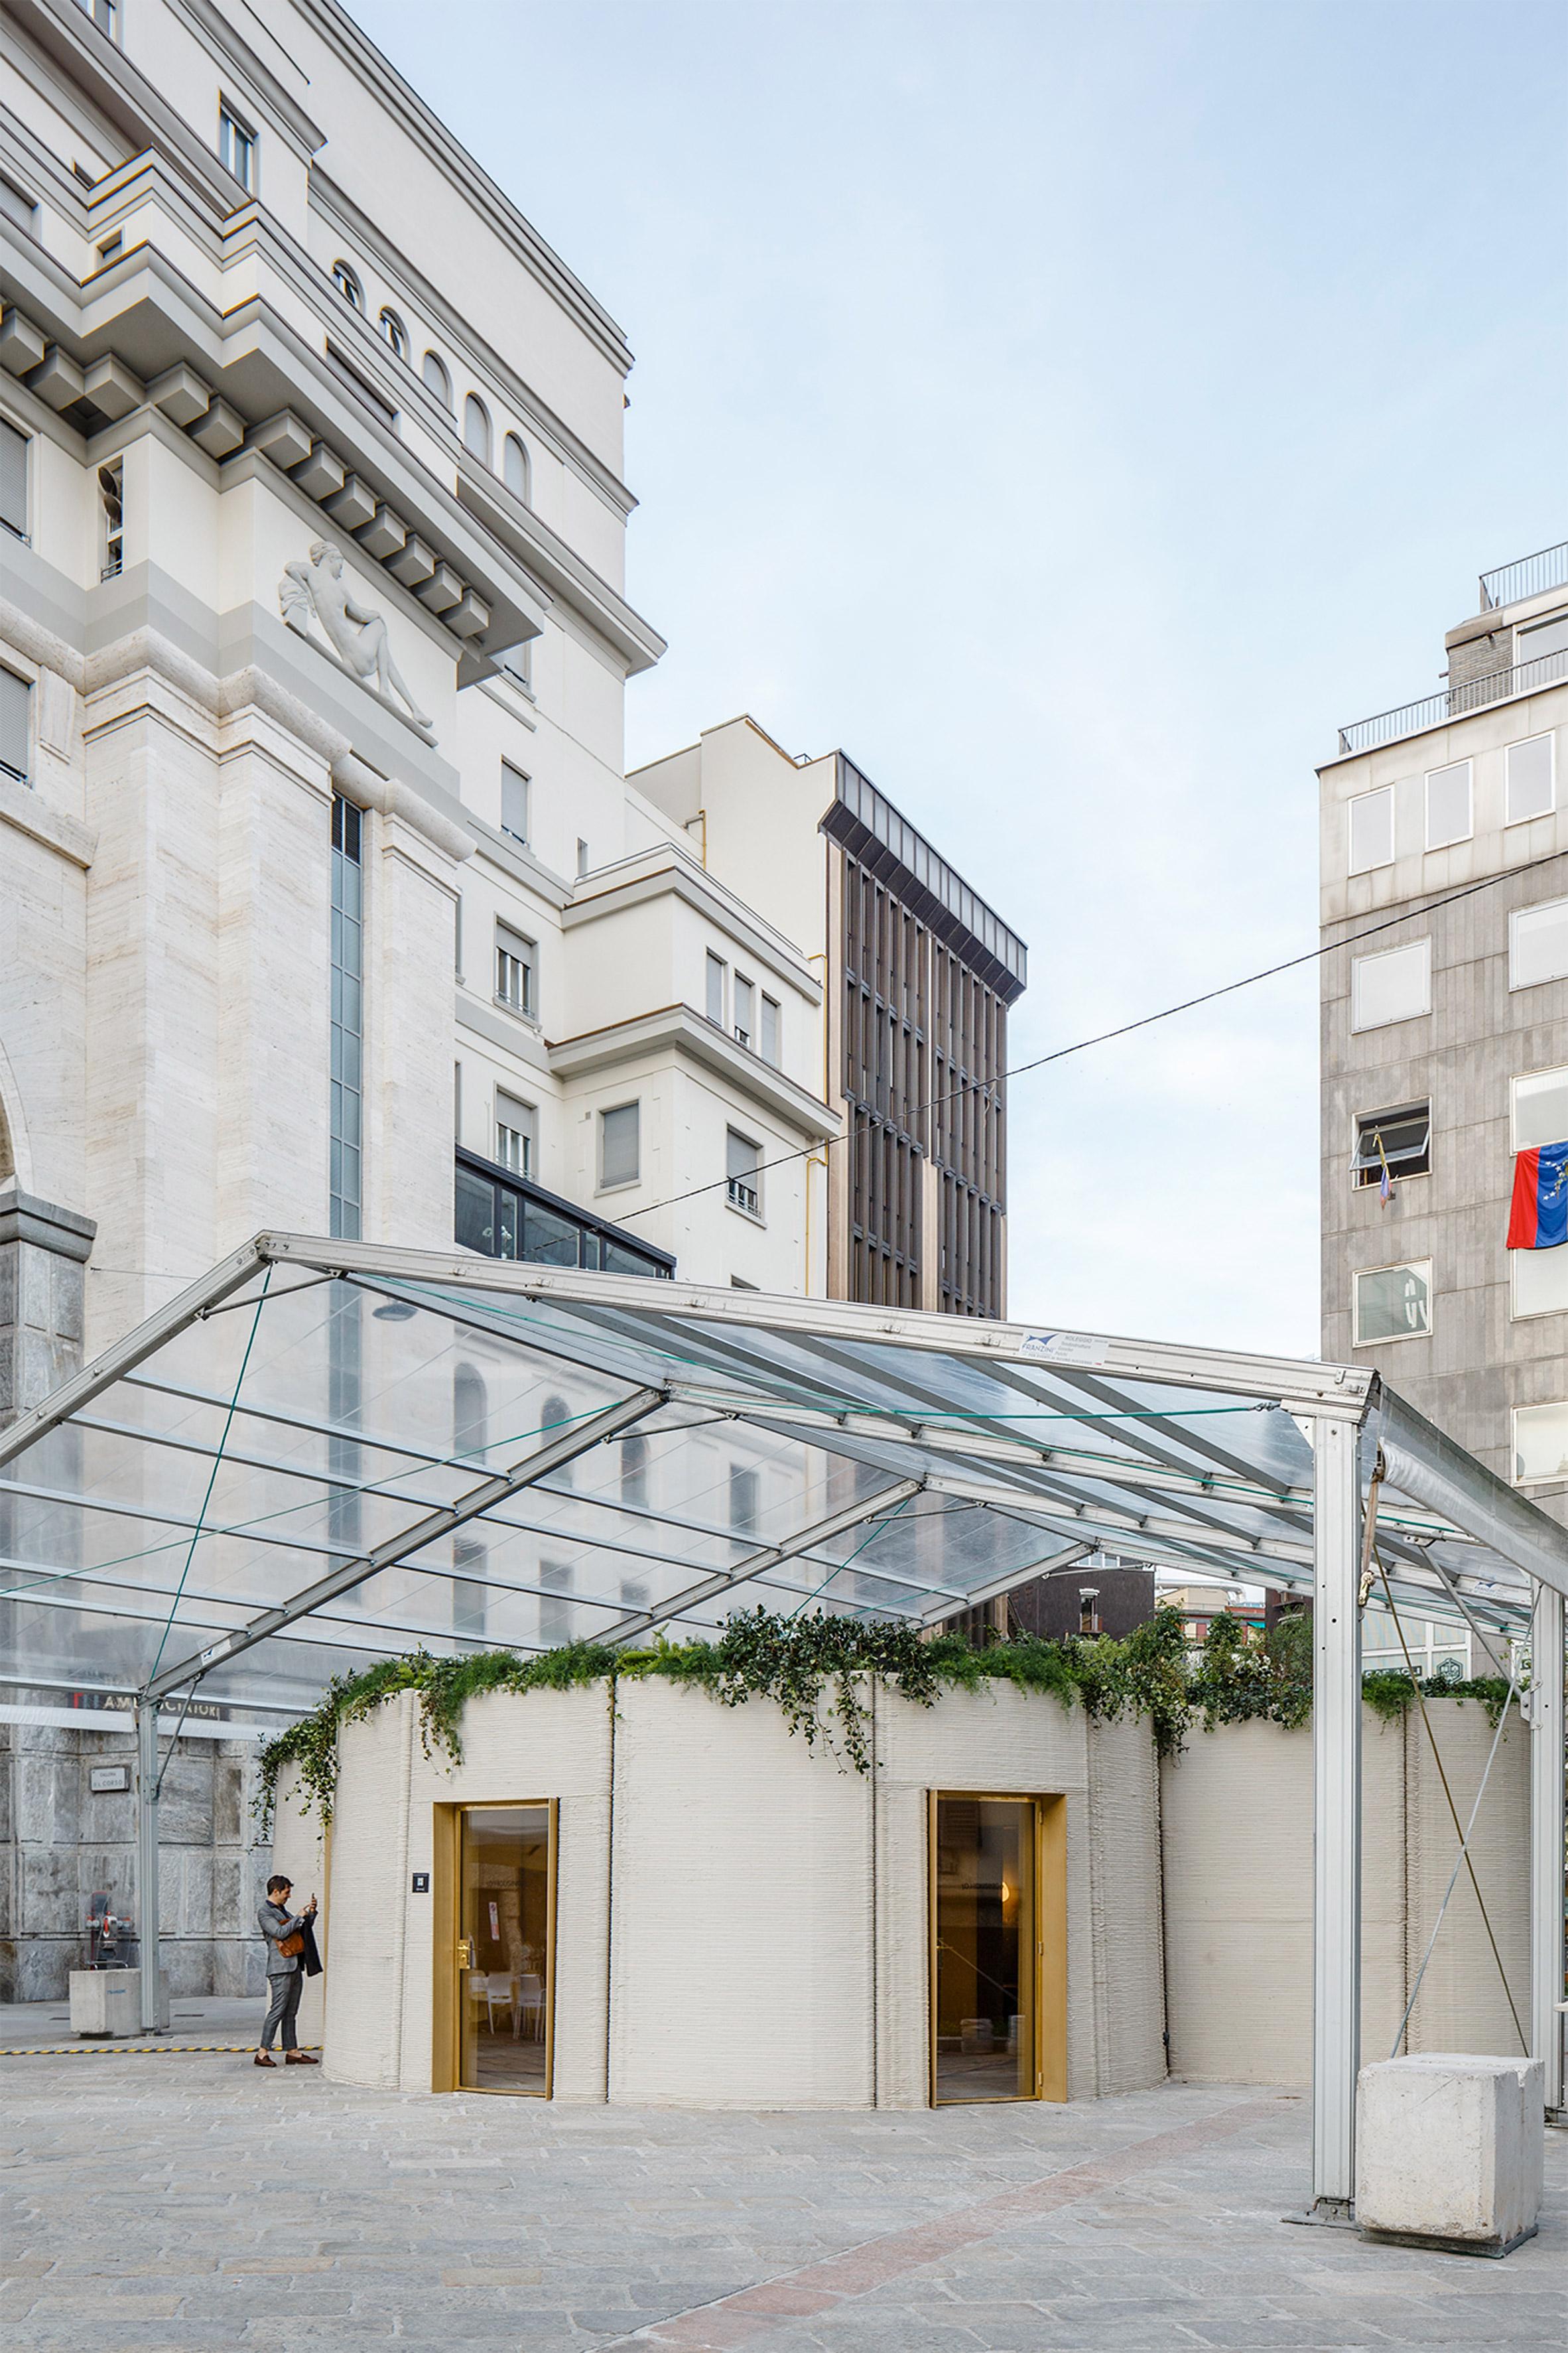 پرینت سه بعدی خانه ای در نمایشگاه میلان